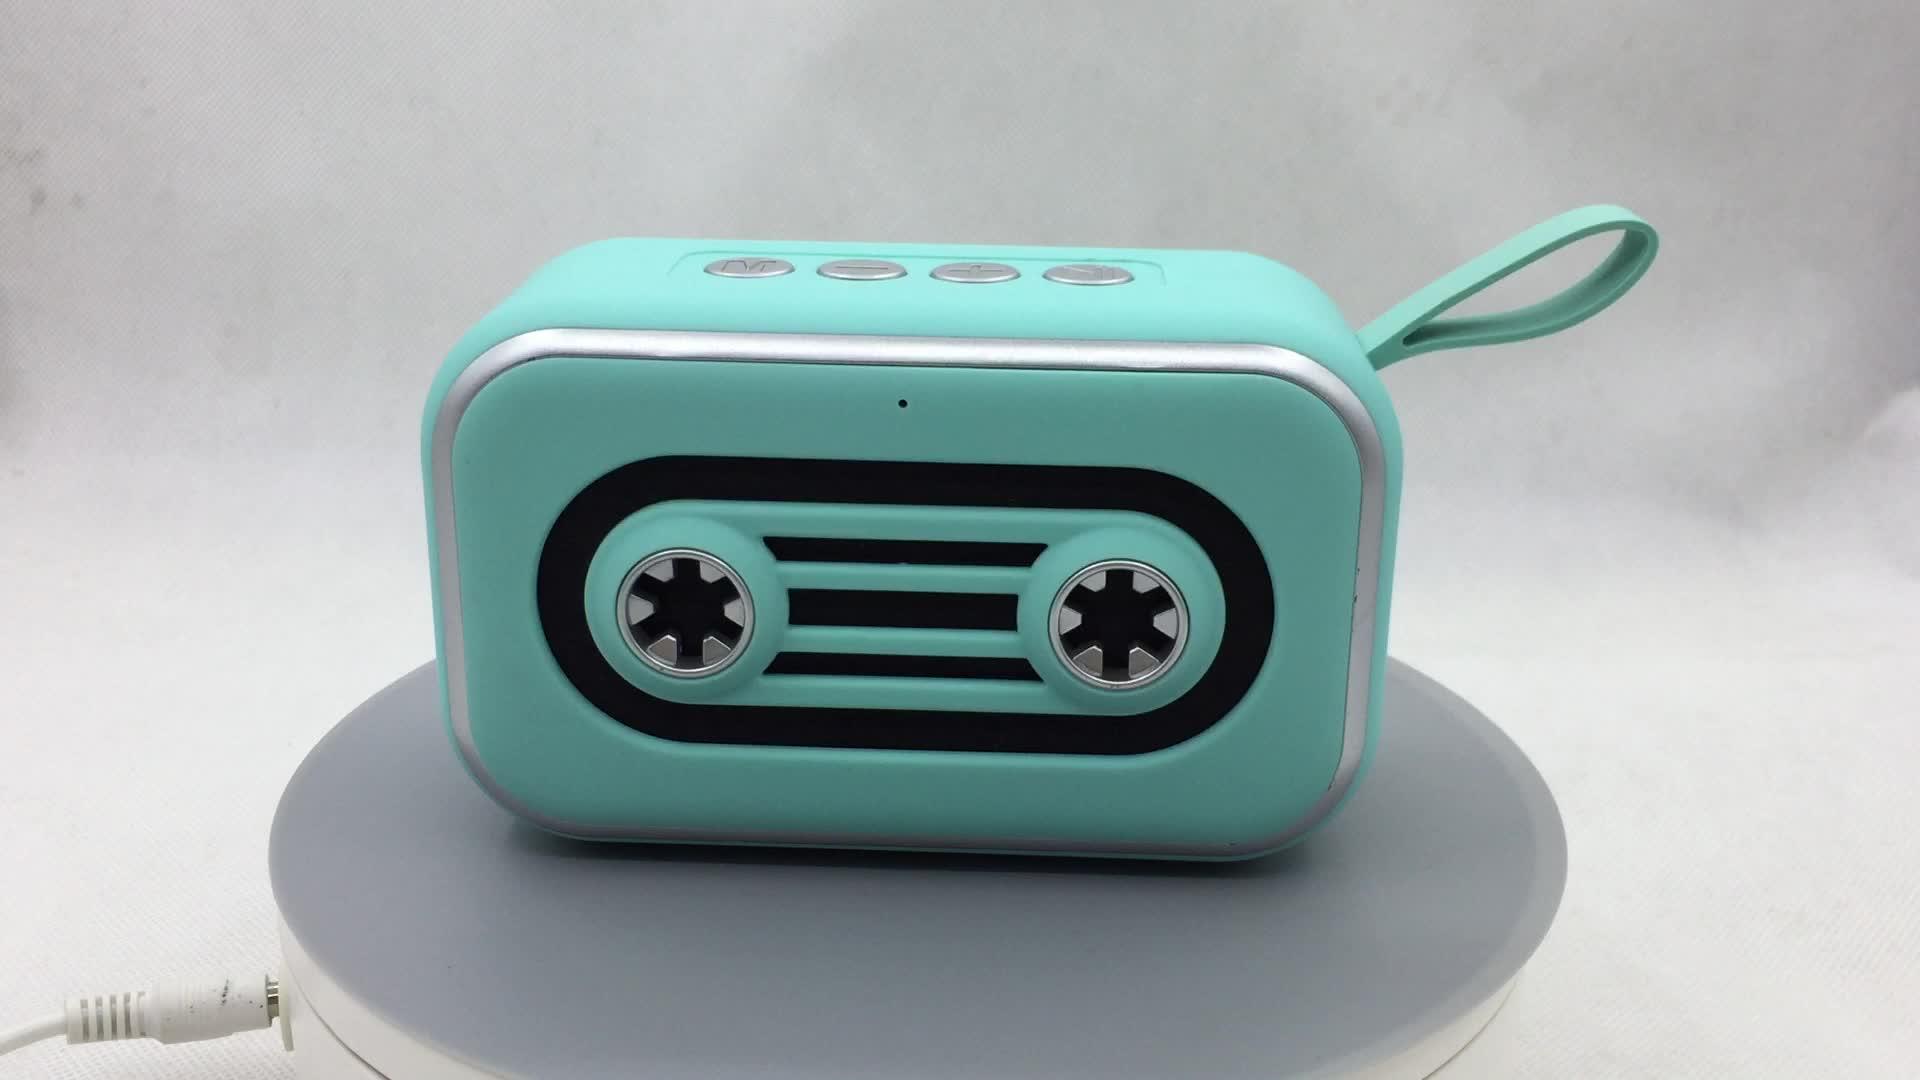 2019 ใหม่ mini sound box ลำโพงไร้สายบลูทูธแบบพกพาพอร์ต usb